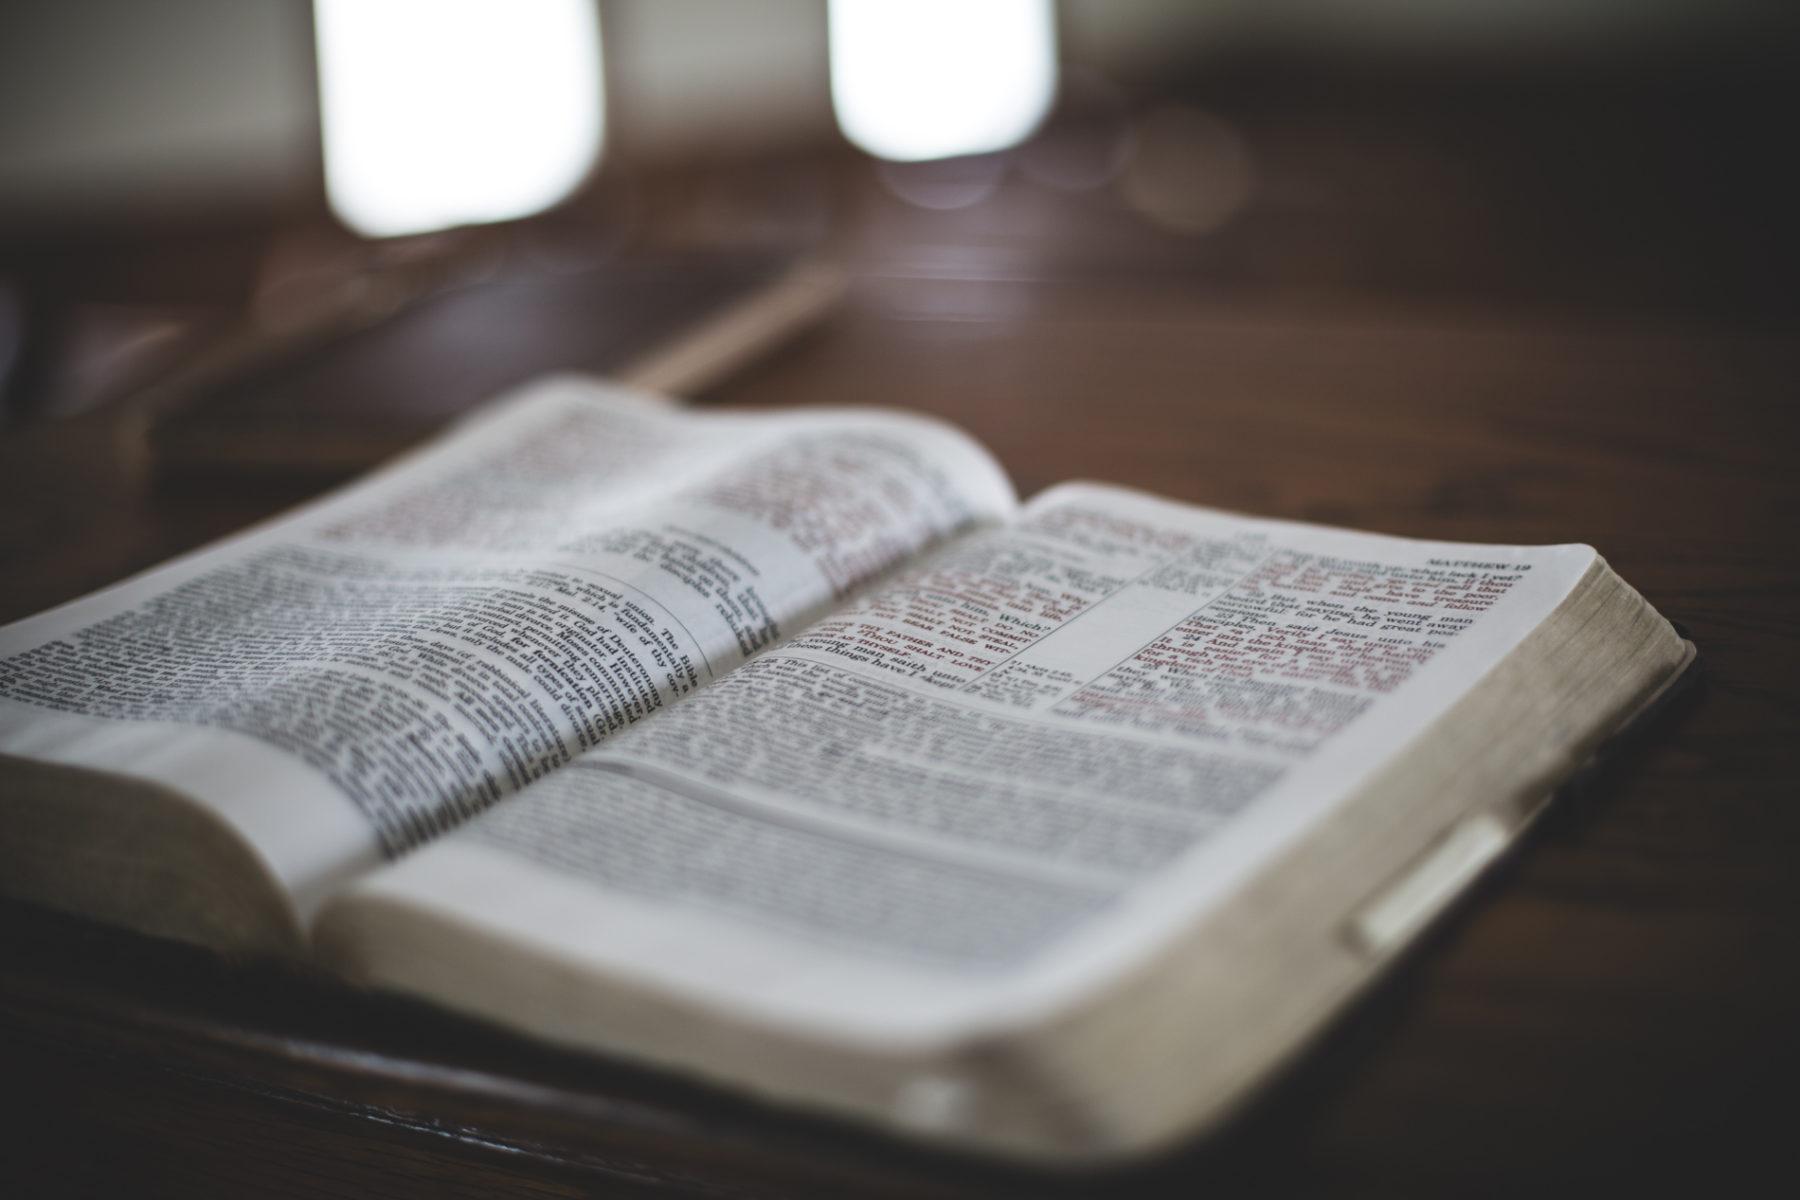 neuestock-bible-vol-1-1-1800x1200.jpg